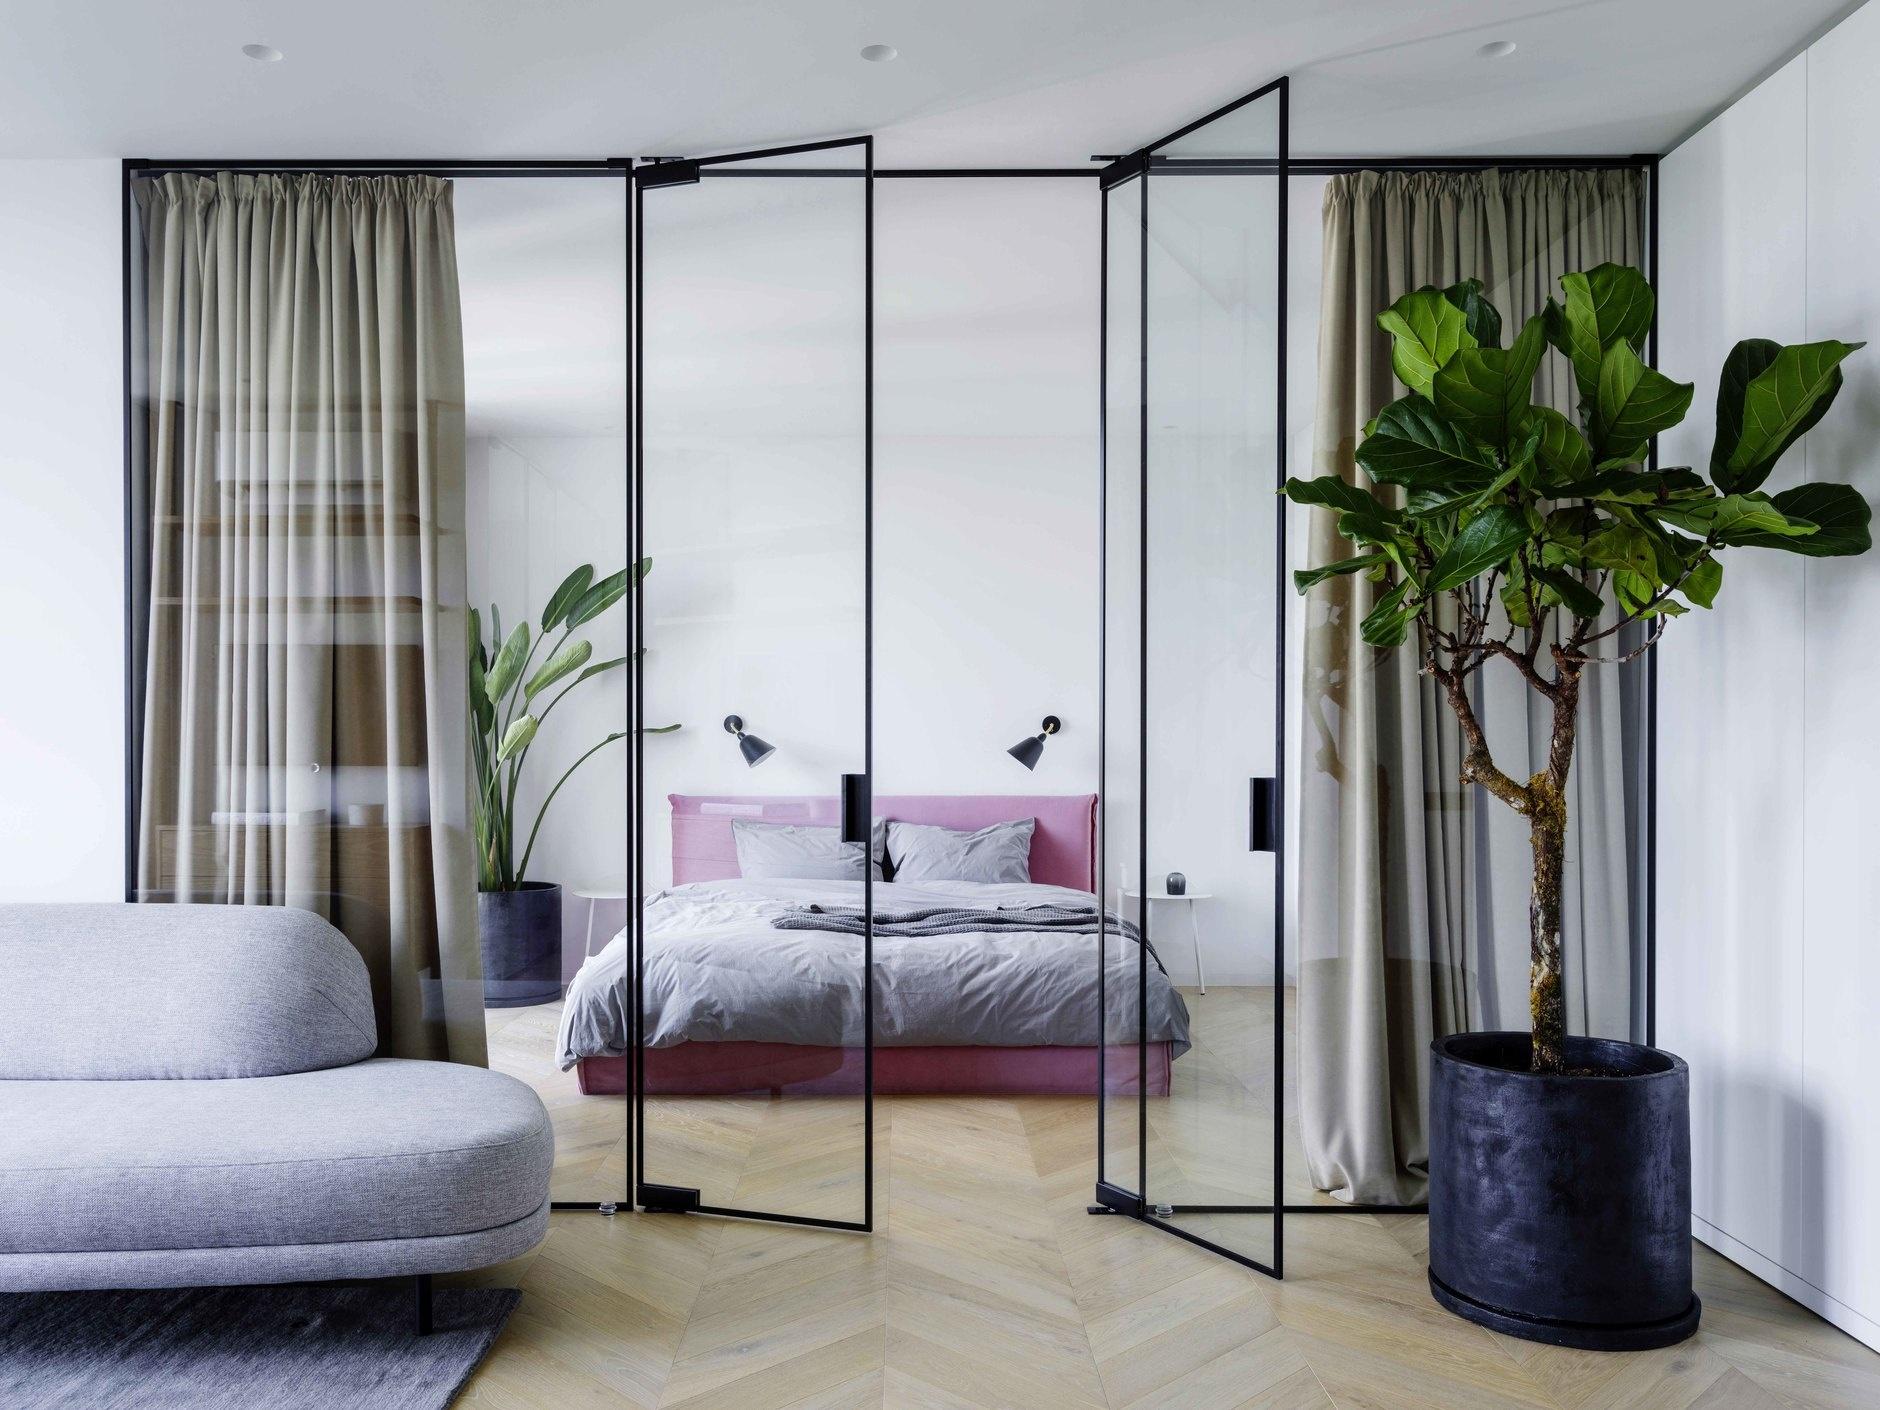 20 способов разделить пространство комнаты (галерея 0, фото 1)